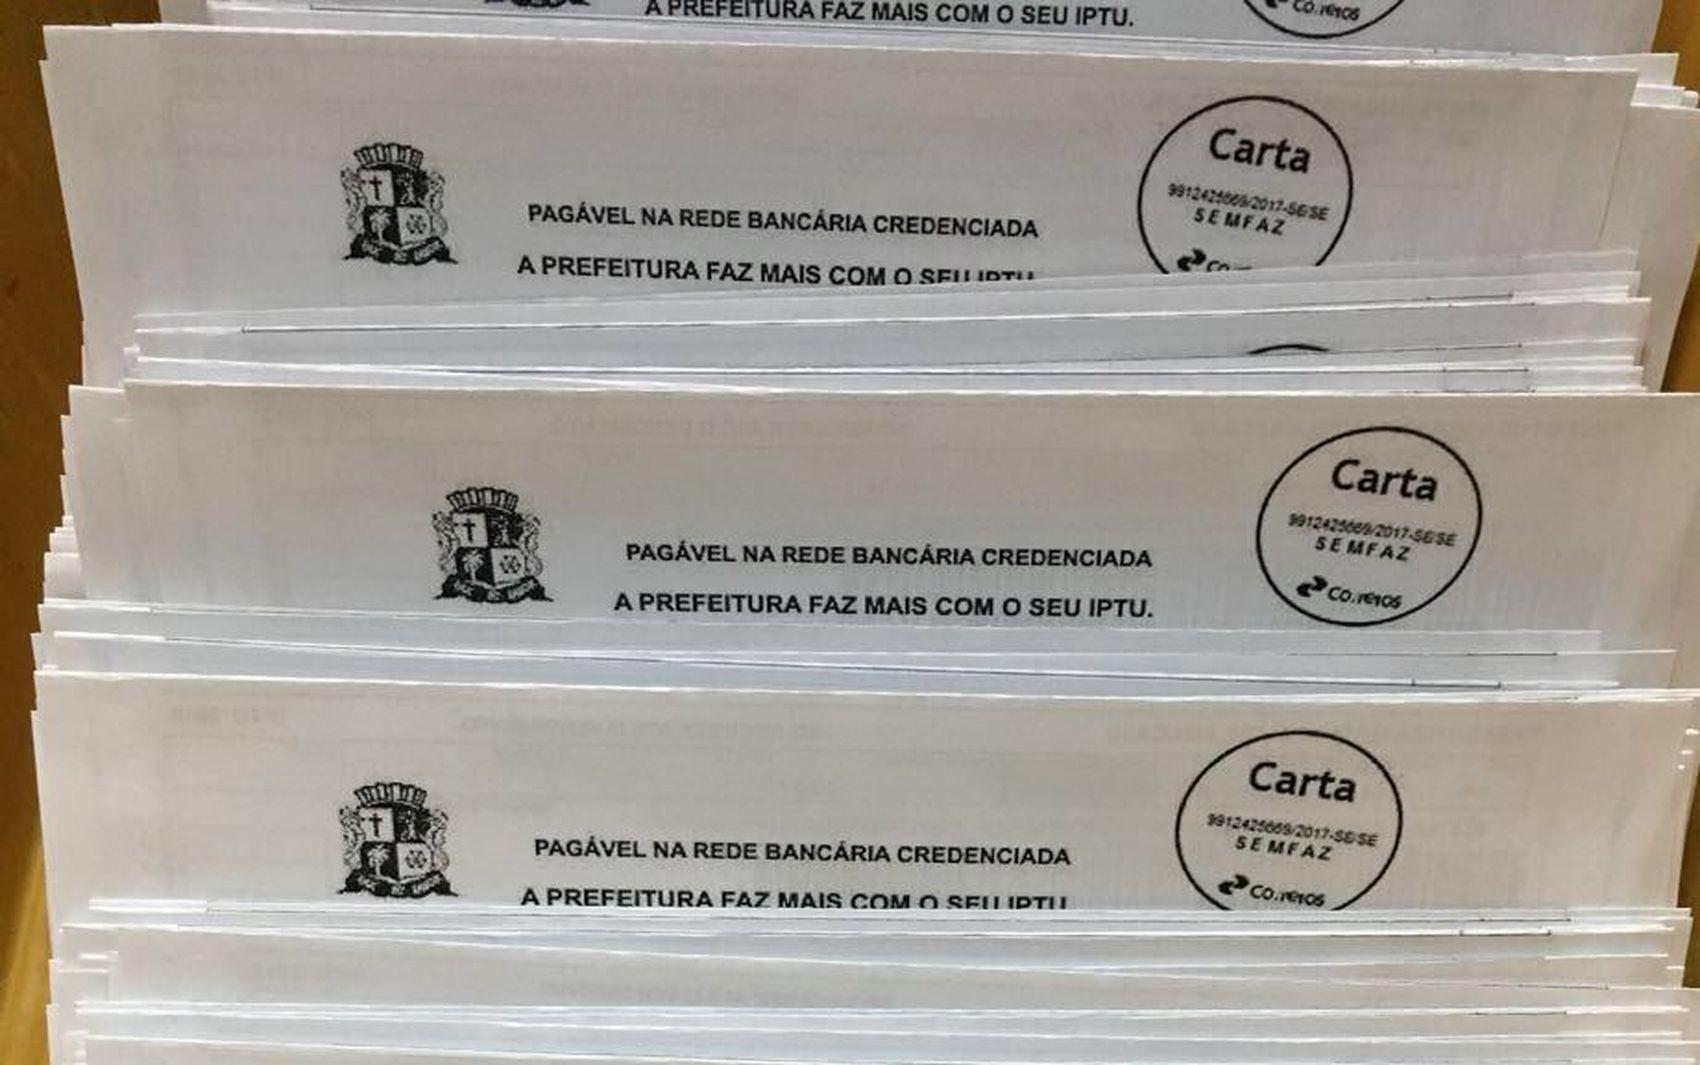 Prazo para solicitar isenção do IPTU termina no dia 30 de agosto - Notícias - Plantão Diário